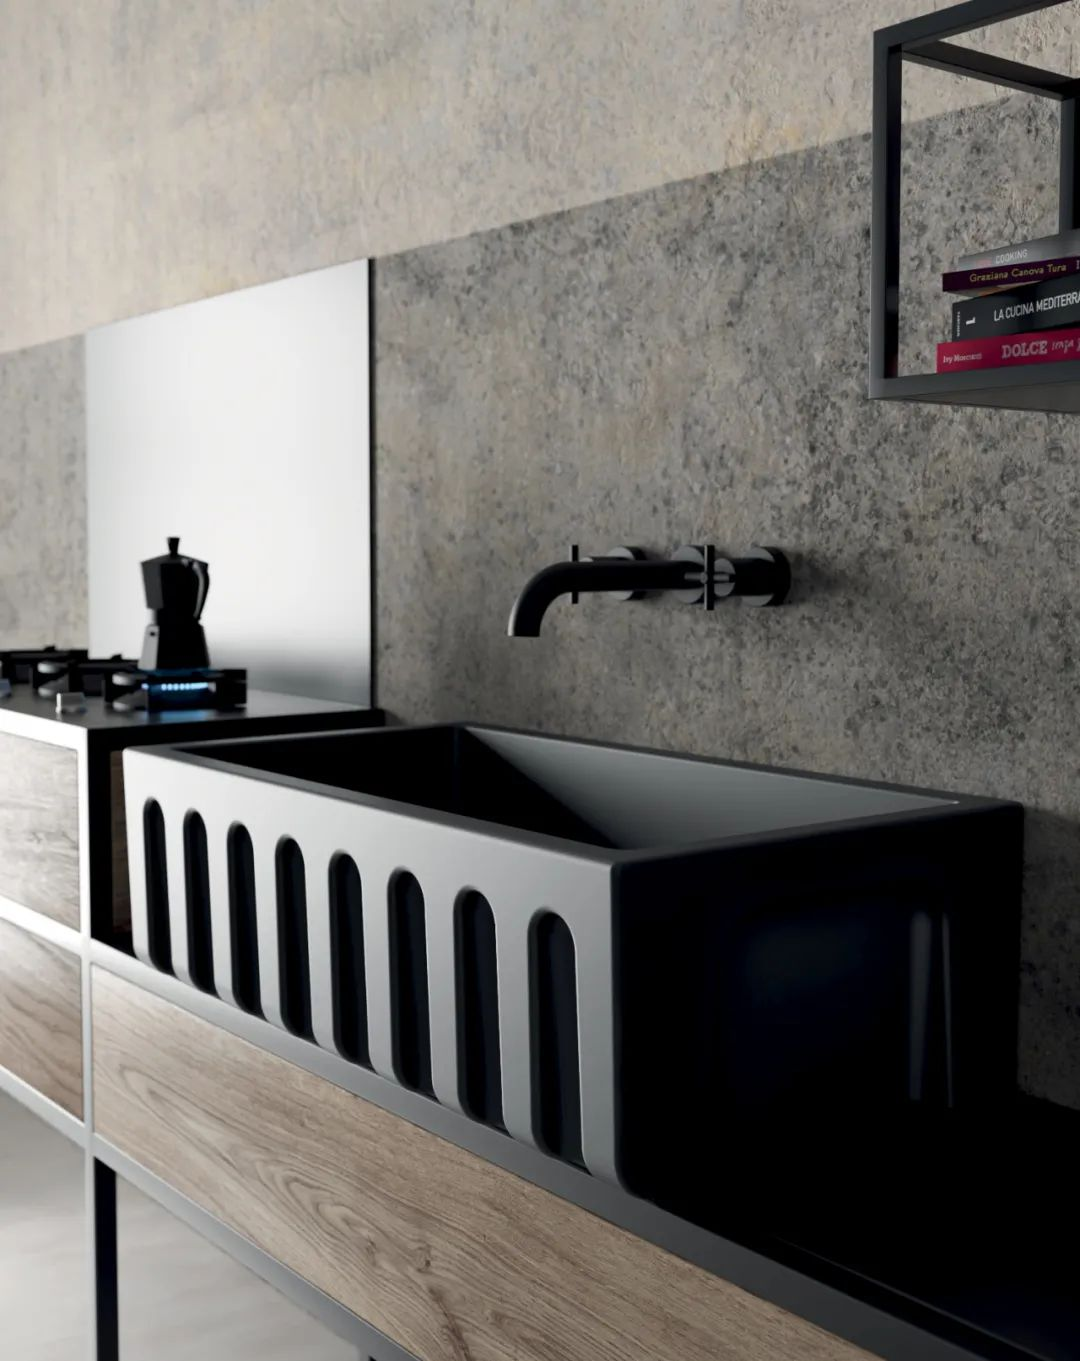 10 款厨房水槽设计,太高级了